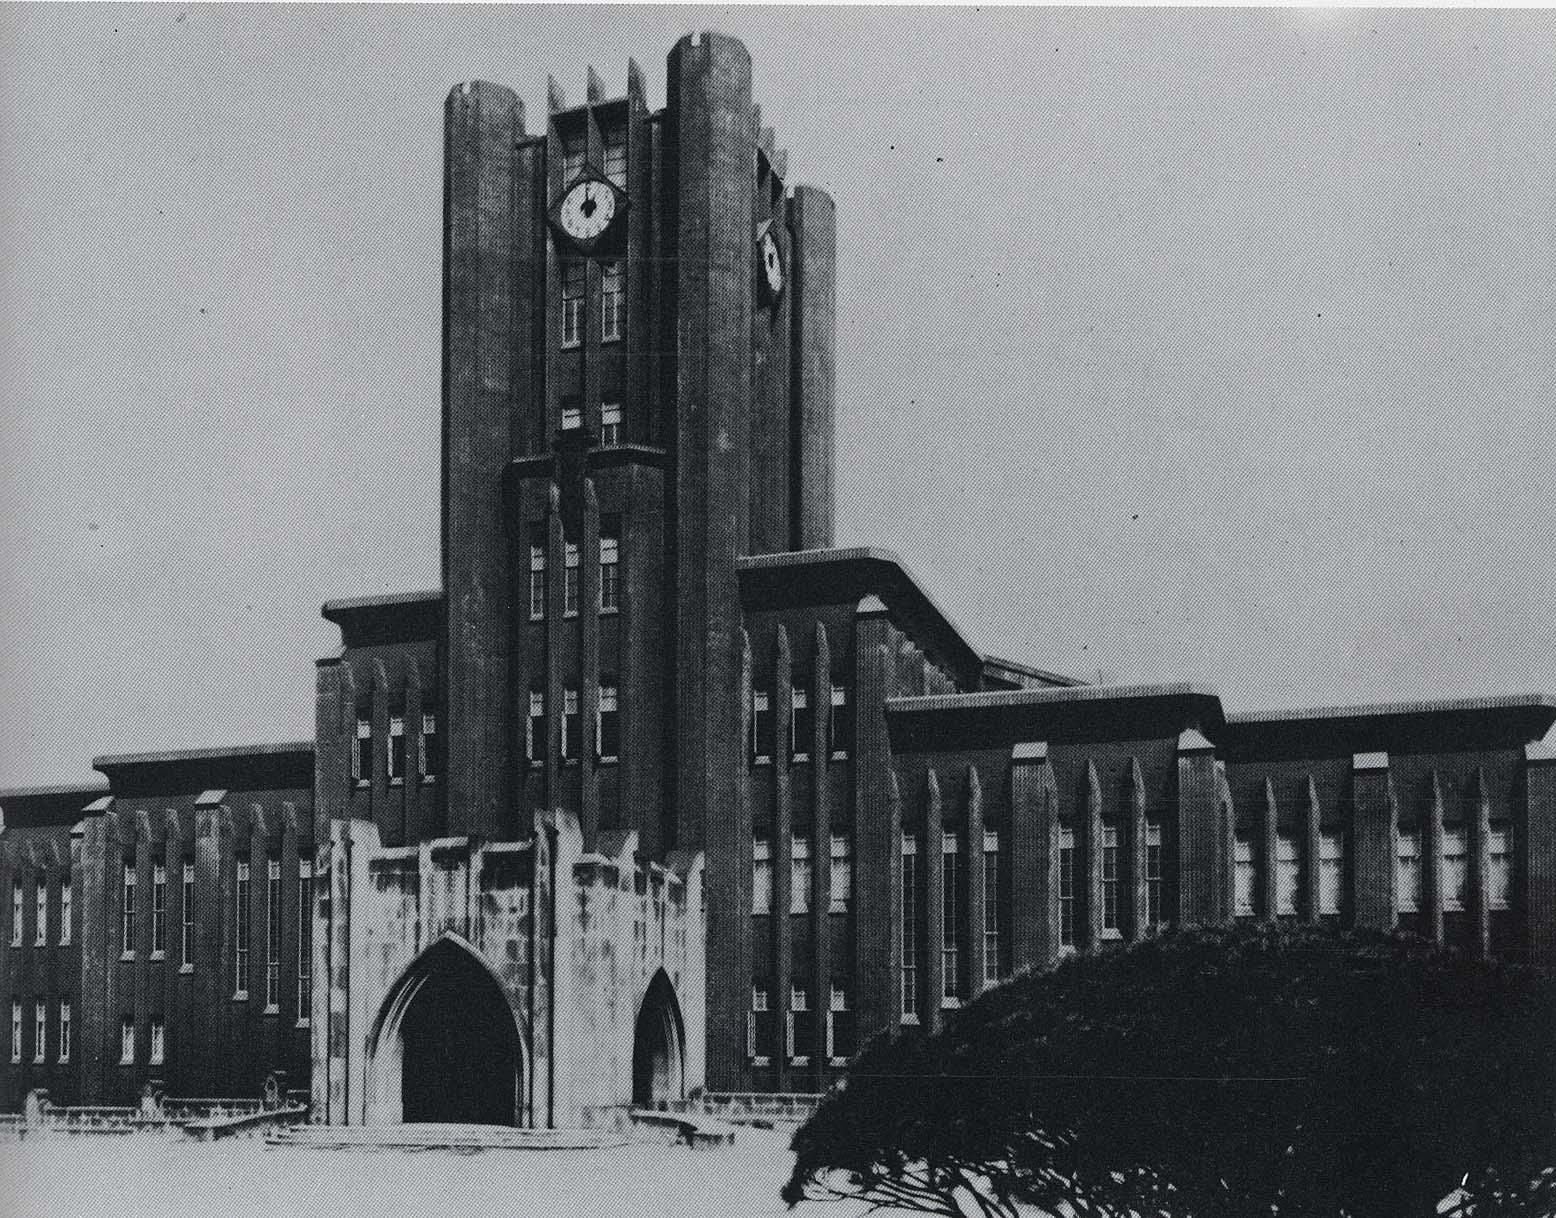 มหาวิทยาลัยโตเกียว โทได